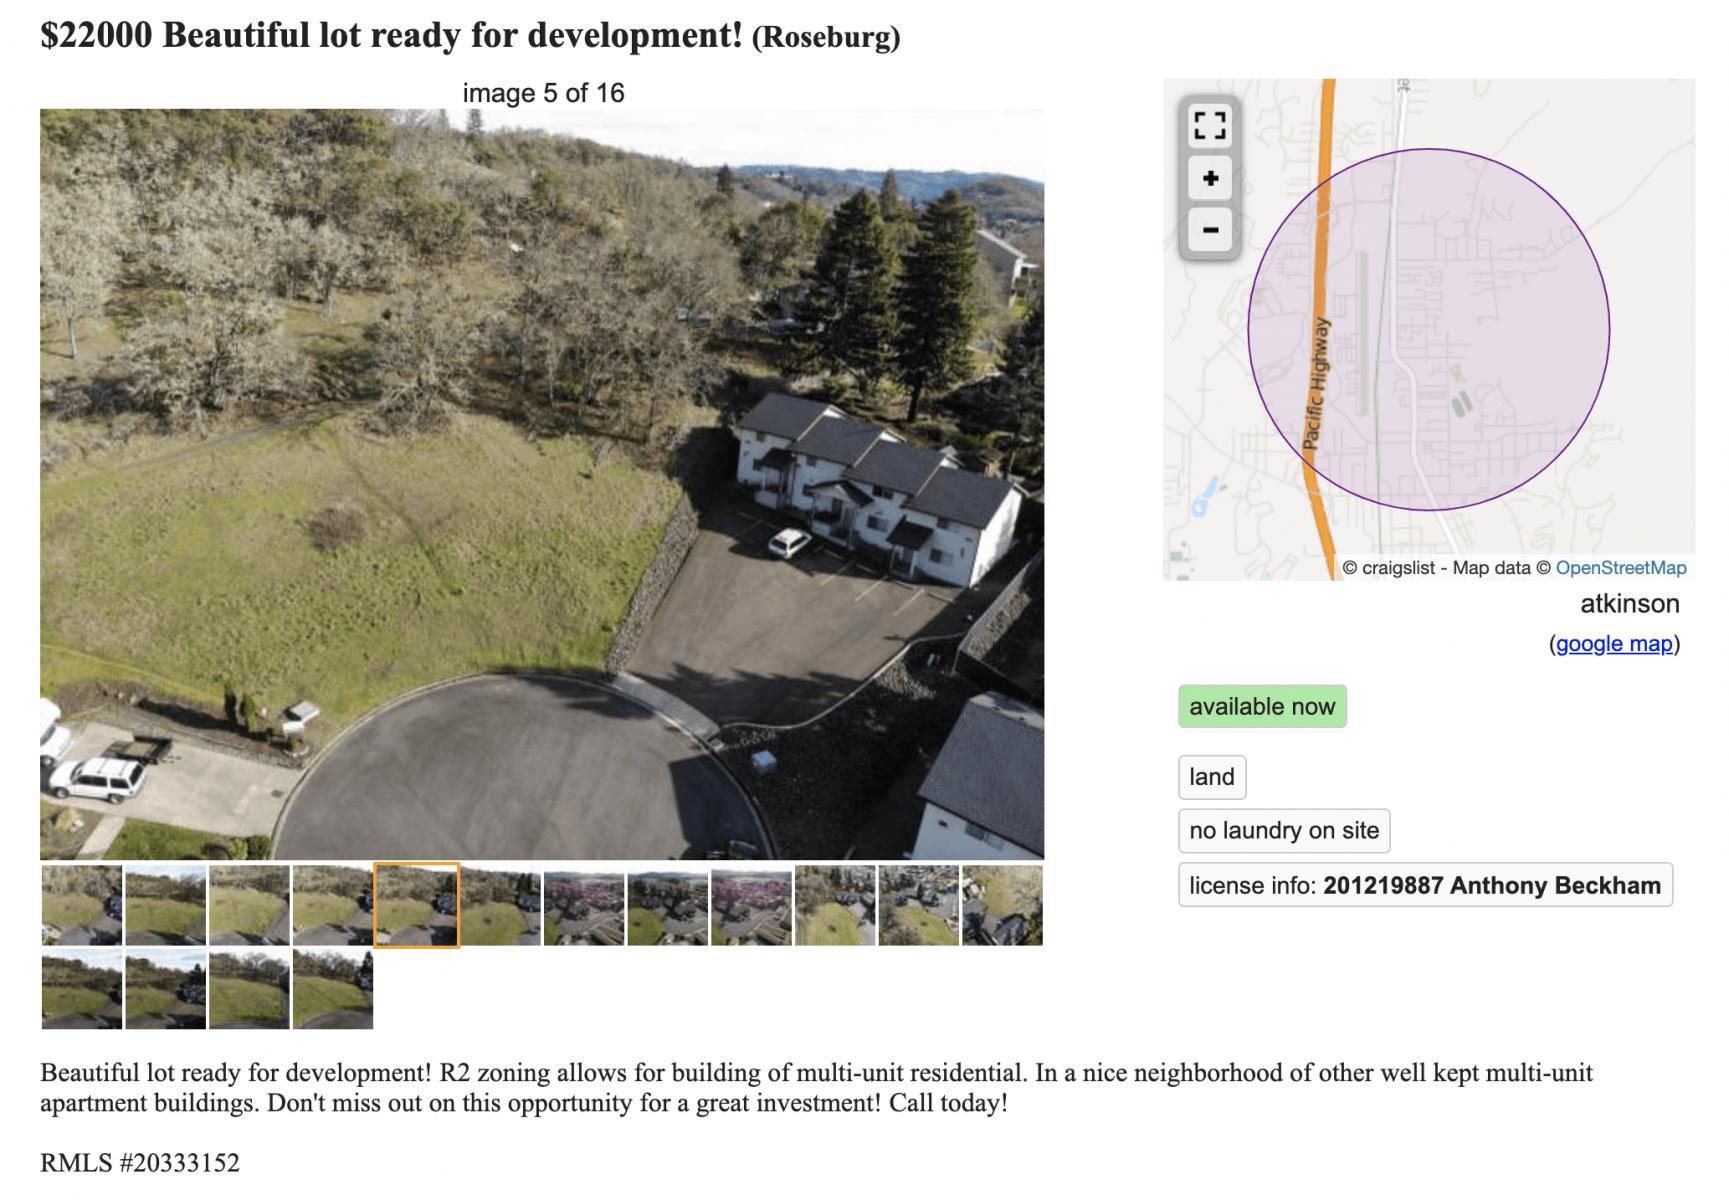 real estate listings on craigslist